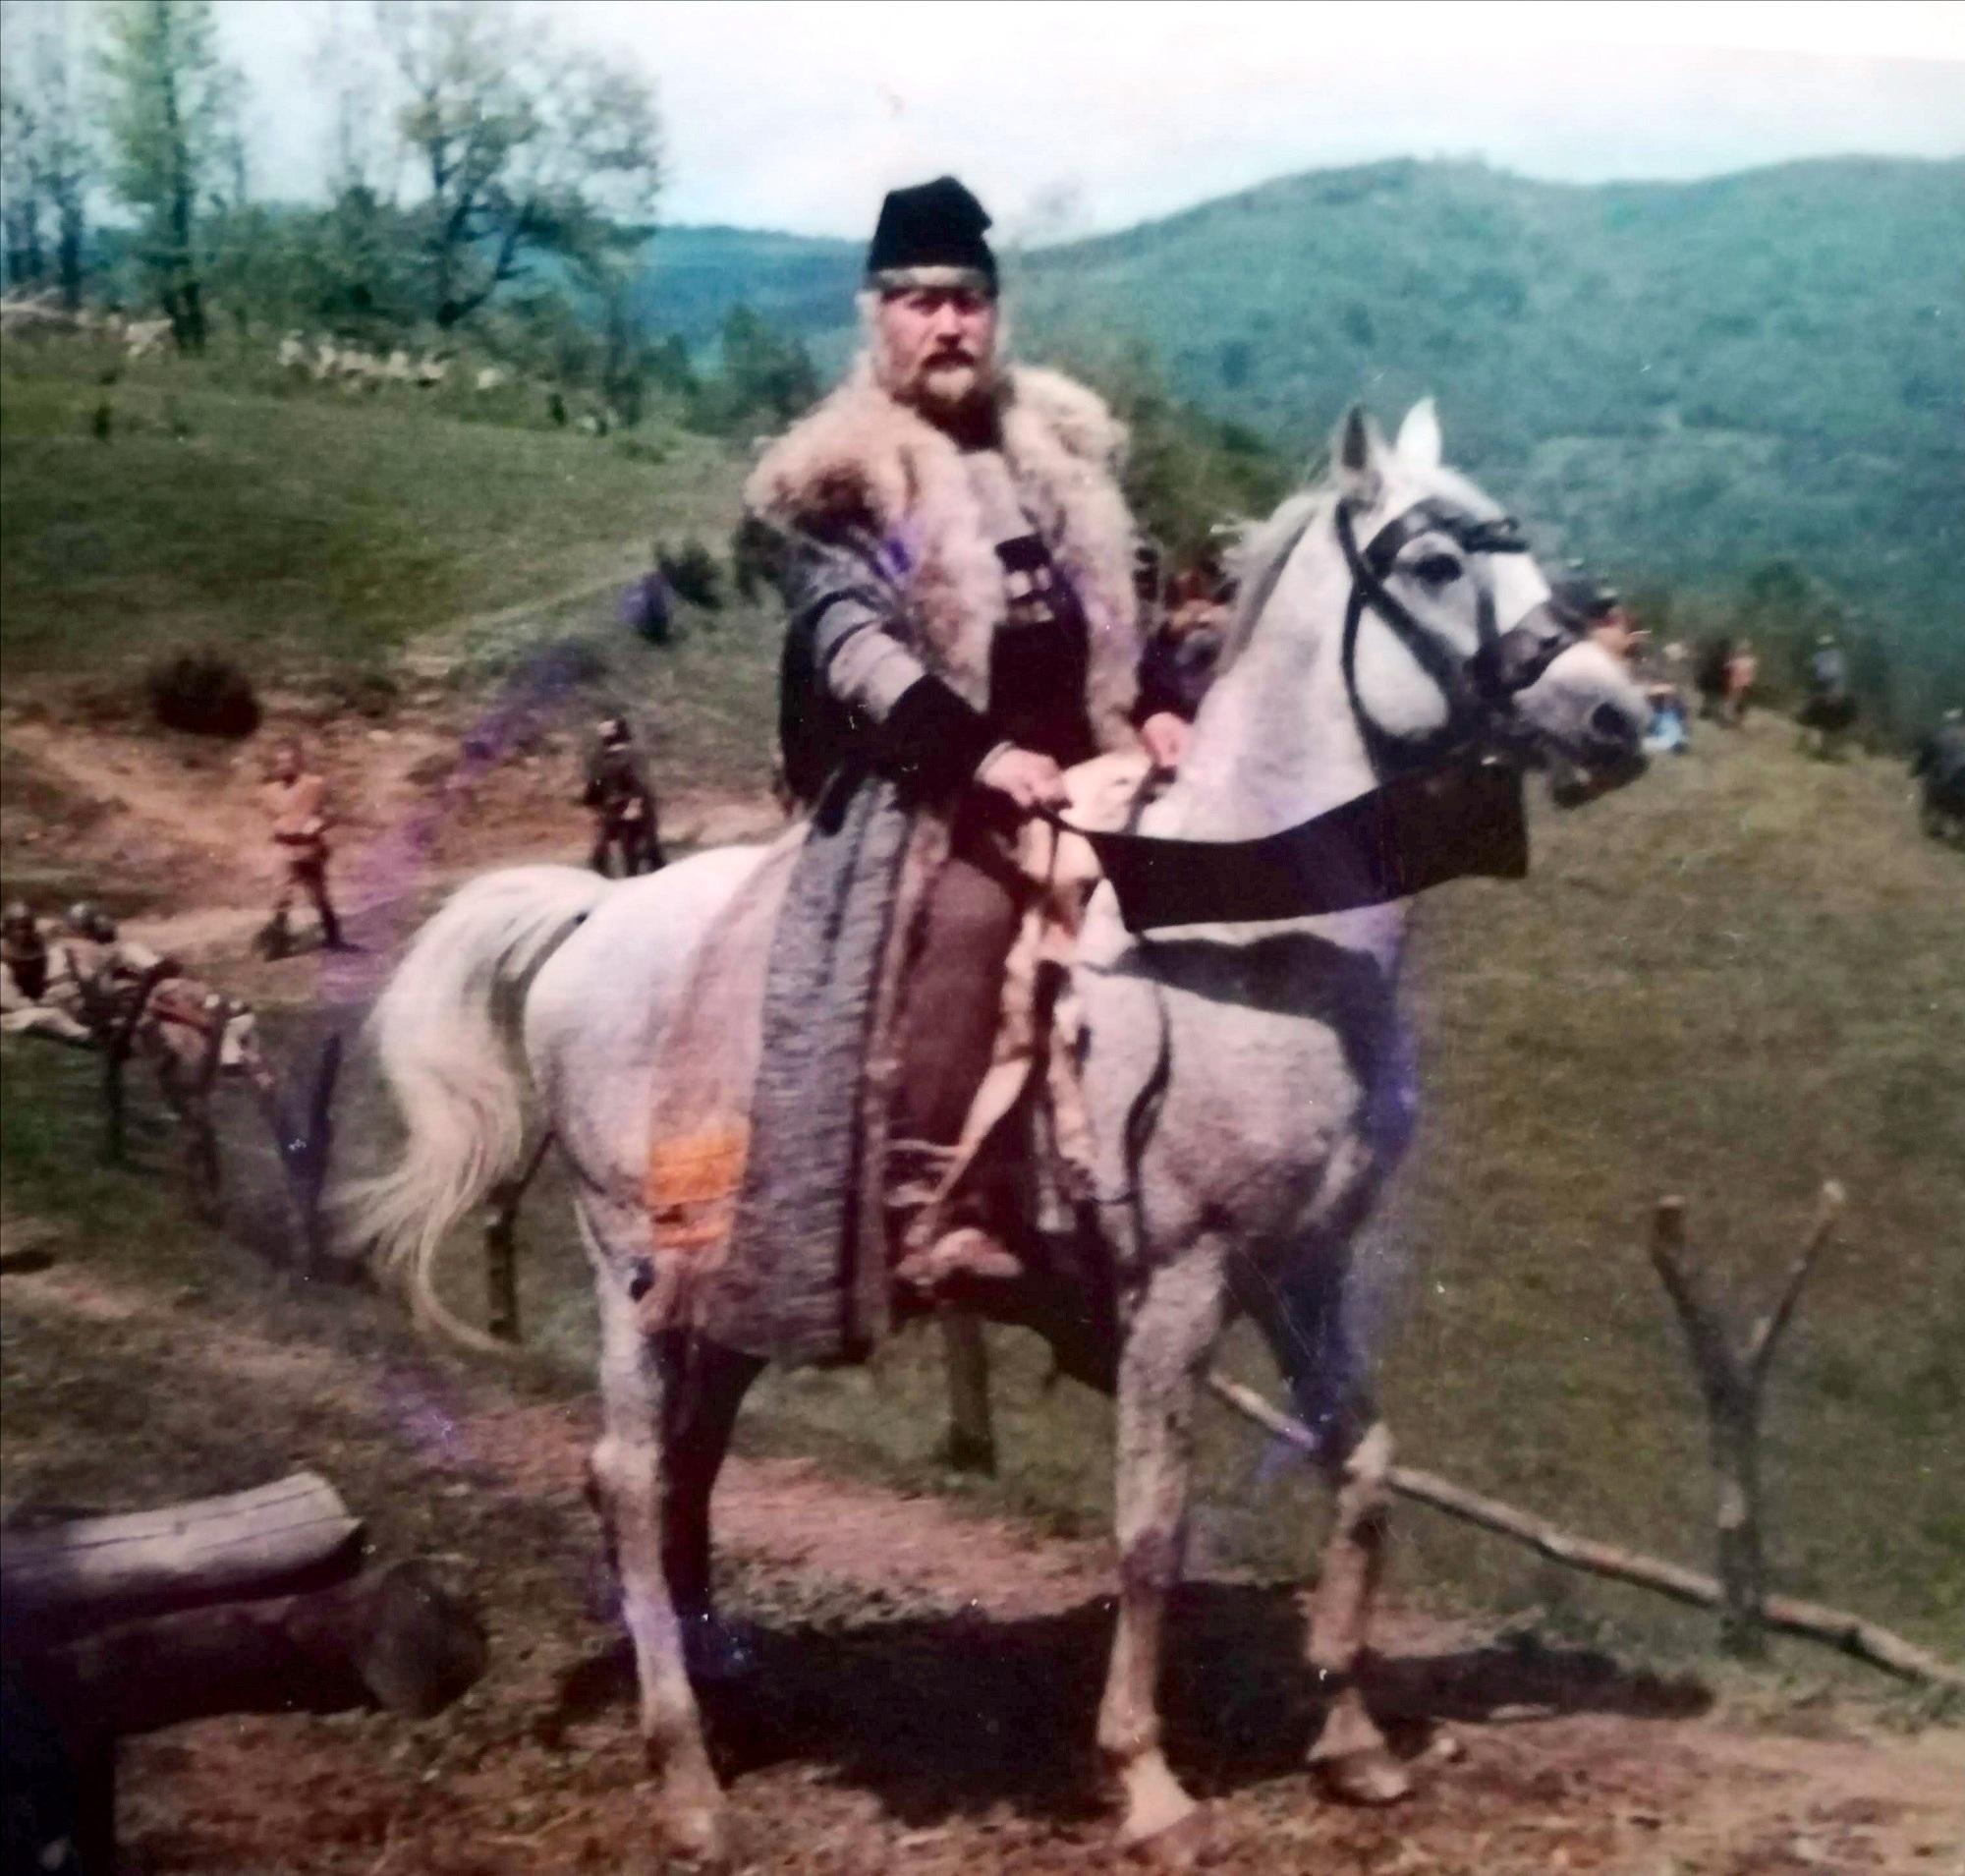 """Moartea unui cascador. Miron Murea. """"Viața are o singură dublă. Trăiți și trăiți frumos!"""". A jucat în Haiducii, Dacii, Burebista, Pintea, Iancu Jianu și alte 150 de filme. INTERVIU EXCLUSIV"""